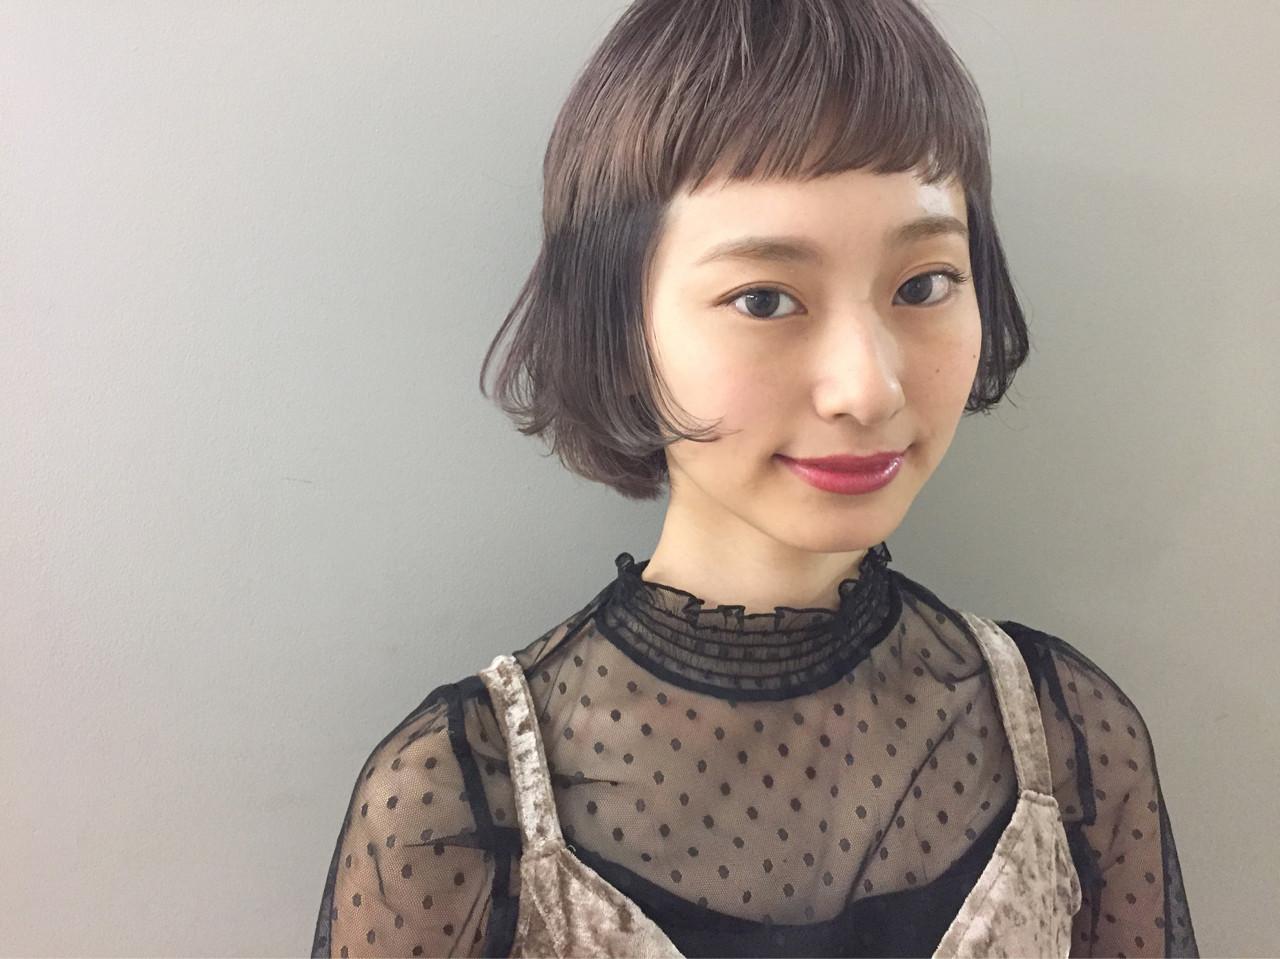 フェミニン モード ヘアアレンジ ボブ ヘアスタイルや髪型の写真・画像 | 野田和宏 / PARKiiiNG